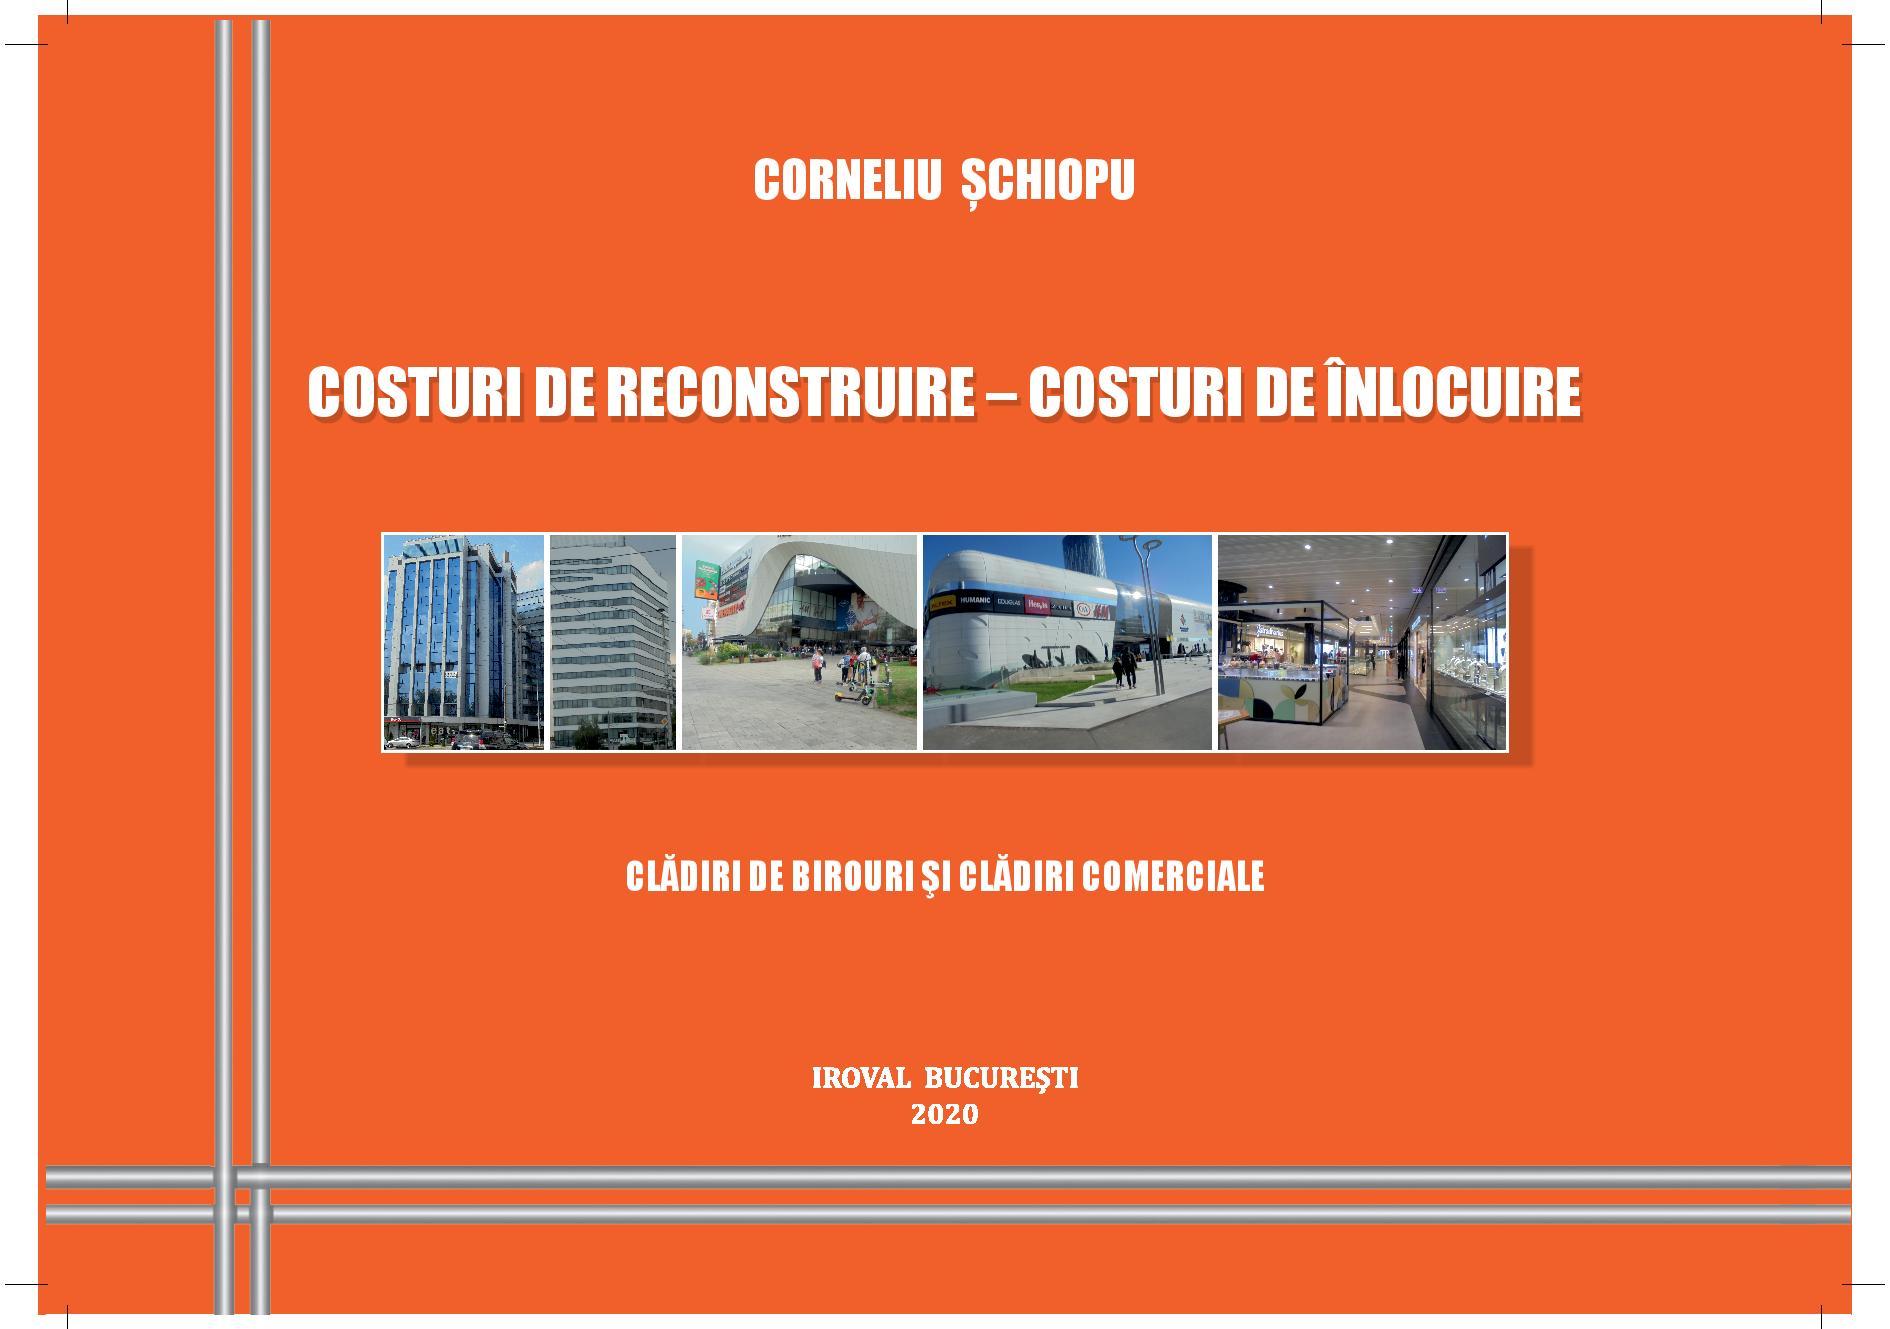 """Noutate editorială: """"Costuri de reconstruire - Costuri de înlocuire. Clădiri de birouri și clădiri comerciale"""""""